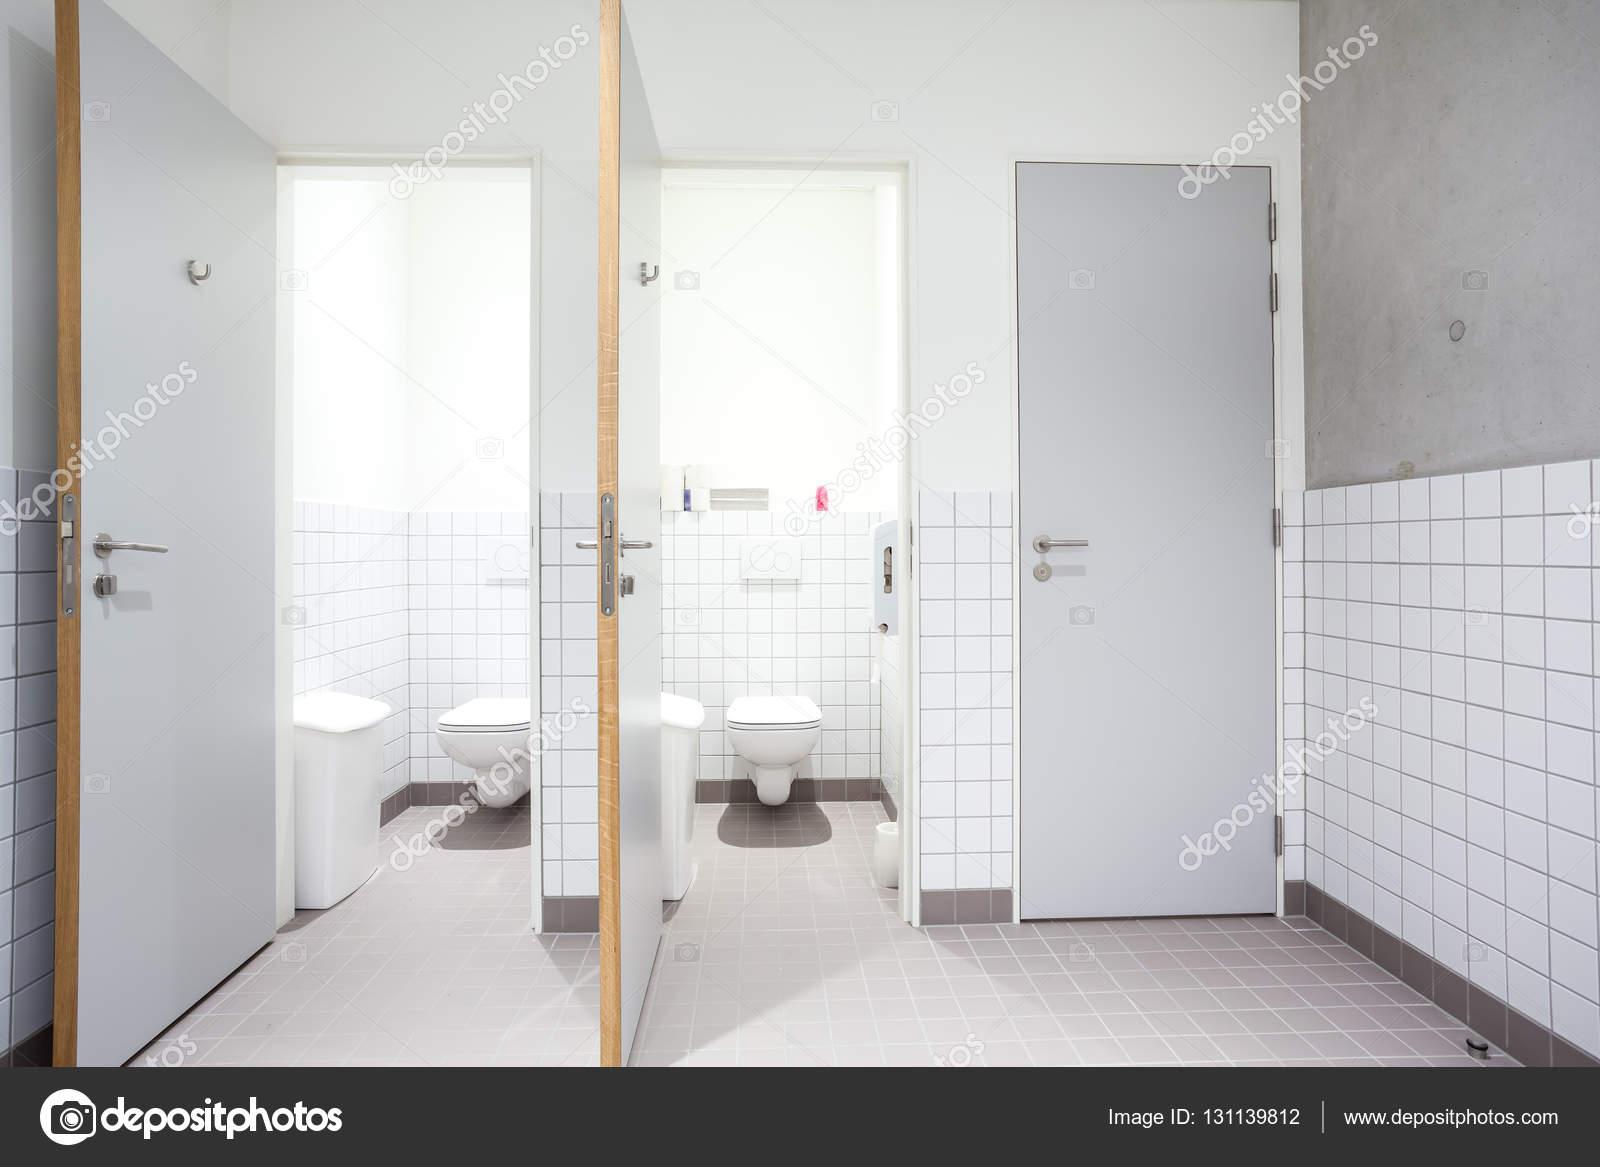 bagno pubblico per uomini e doccia — Foto Stock © DenBoma #131139812